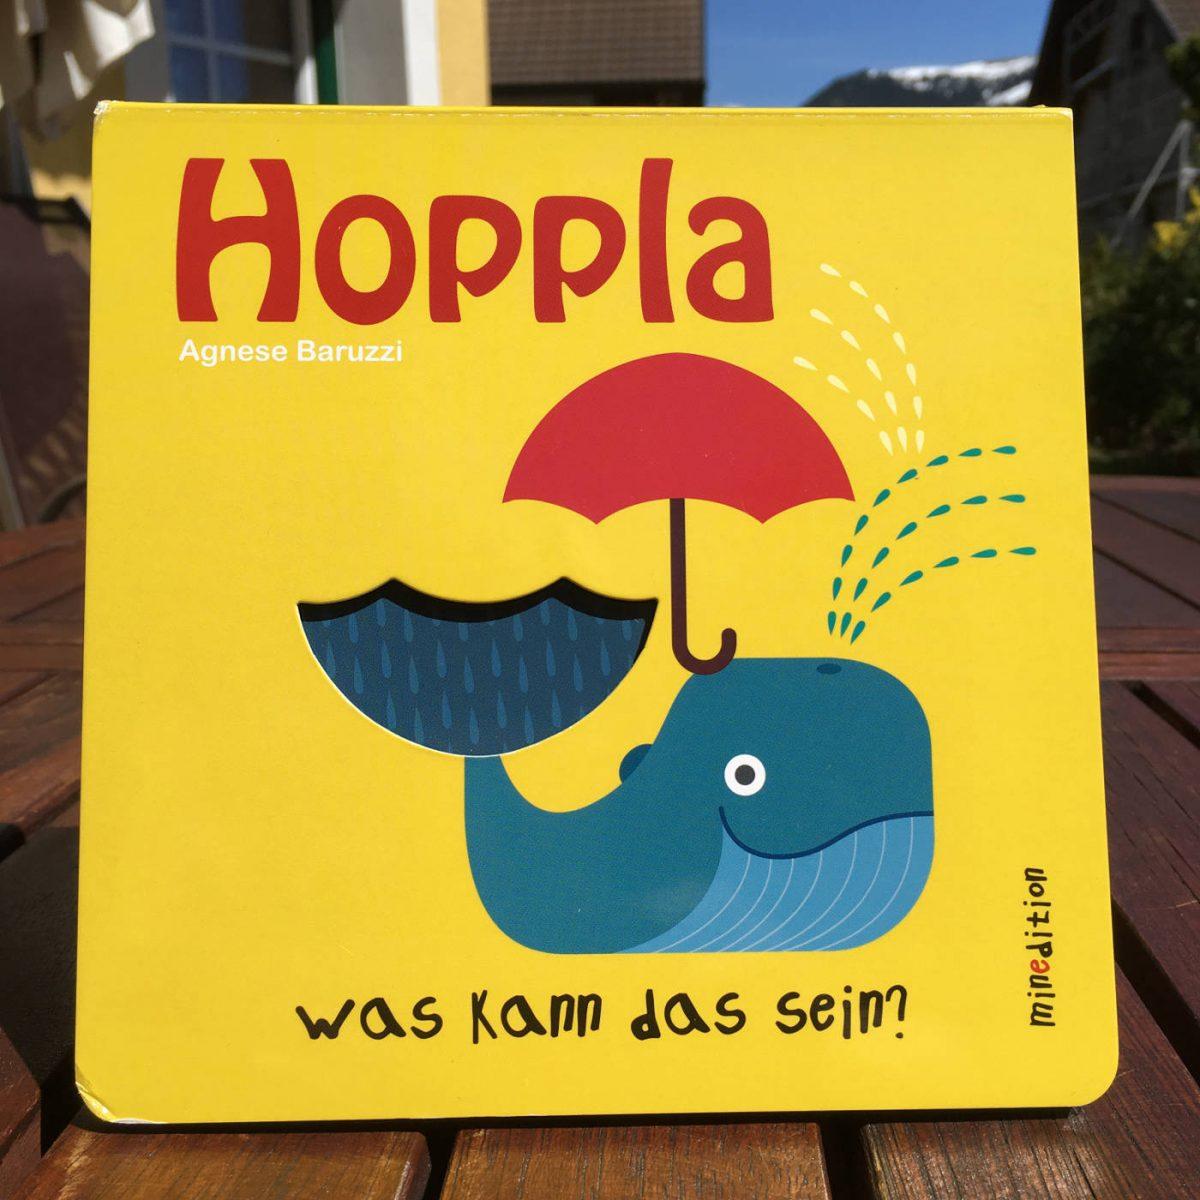 Agnese Baruzzi Hoppla, was kann das sein Buchtipp Buchempfehlung Brigitte Wallingers Kinderbuchblog Jugendbuchblog geniale Bücher Feuer und Flamme für junge Literatur Pappbilderbuch